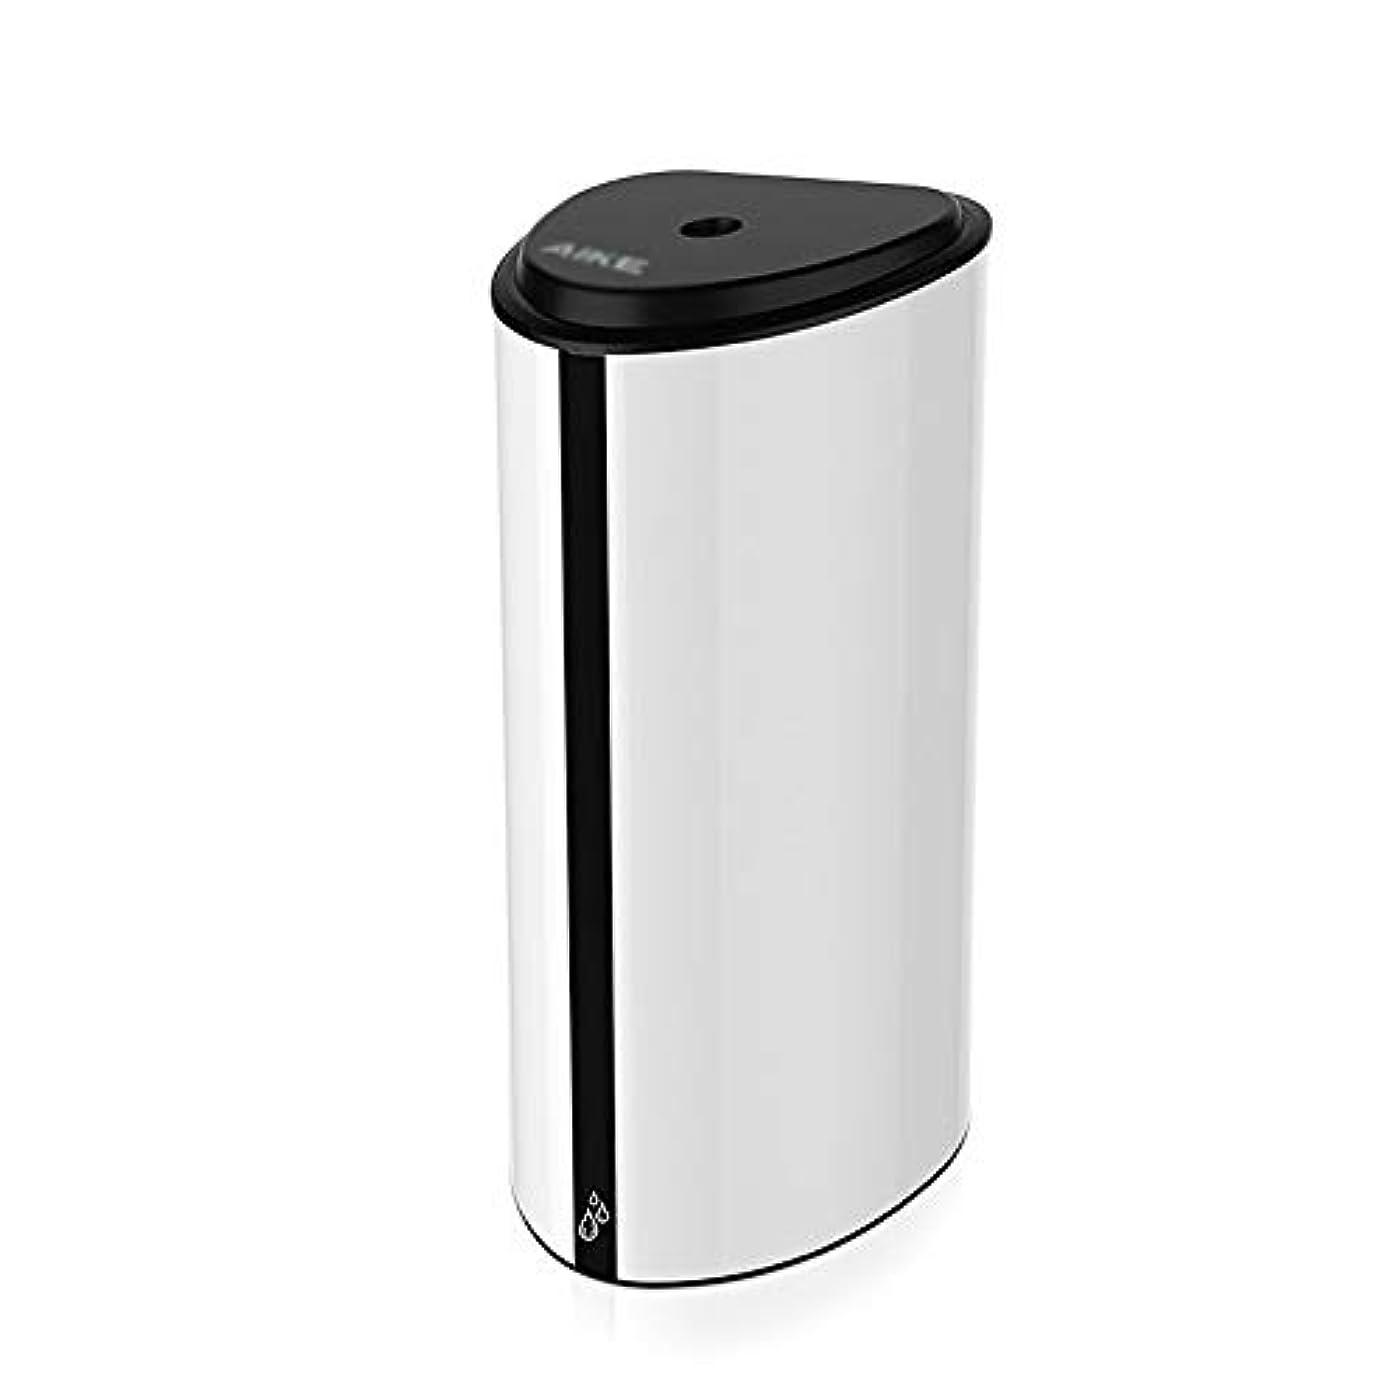 ネイティブ谷レッスンソープディスペンサー 800ミリリットル容量の自動ソープディスペンサーは、タッチレスバッテリーは、ハンズフリーソープディスペンサーを運営しました ハンドソープ 食器用洗剤 キッチン 洗面所などに適用 (Color : White...